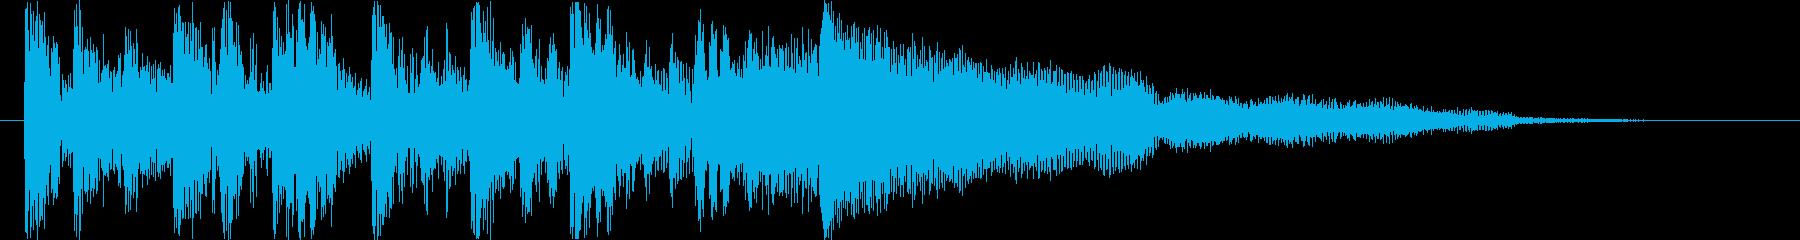 重厚な未来系デジタルエレクトロロゴの再生済みの波形